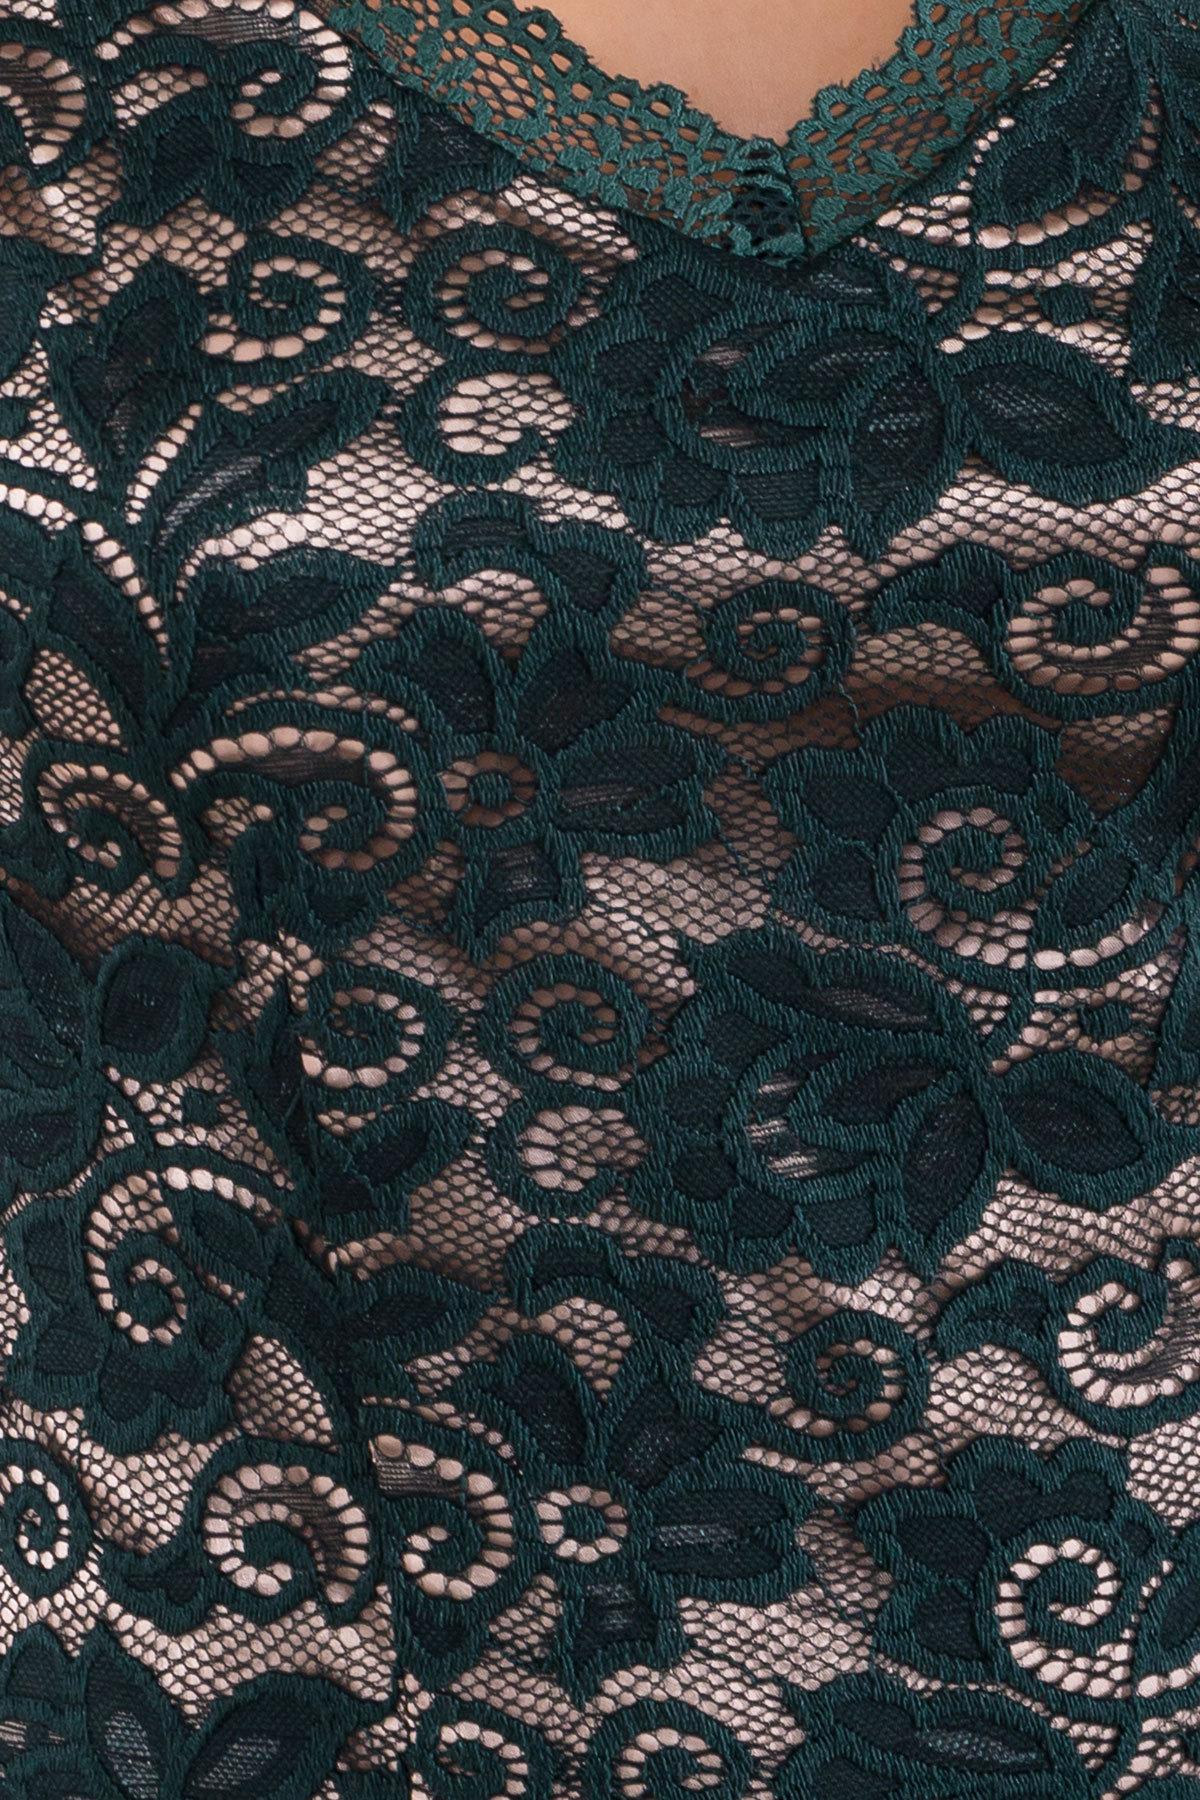 Платье Лук 4105 АРТ. 20779 Цвет: Зеленый Темный/бежевый - фото 4, интернет магазин tm-modus.ru